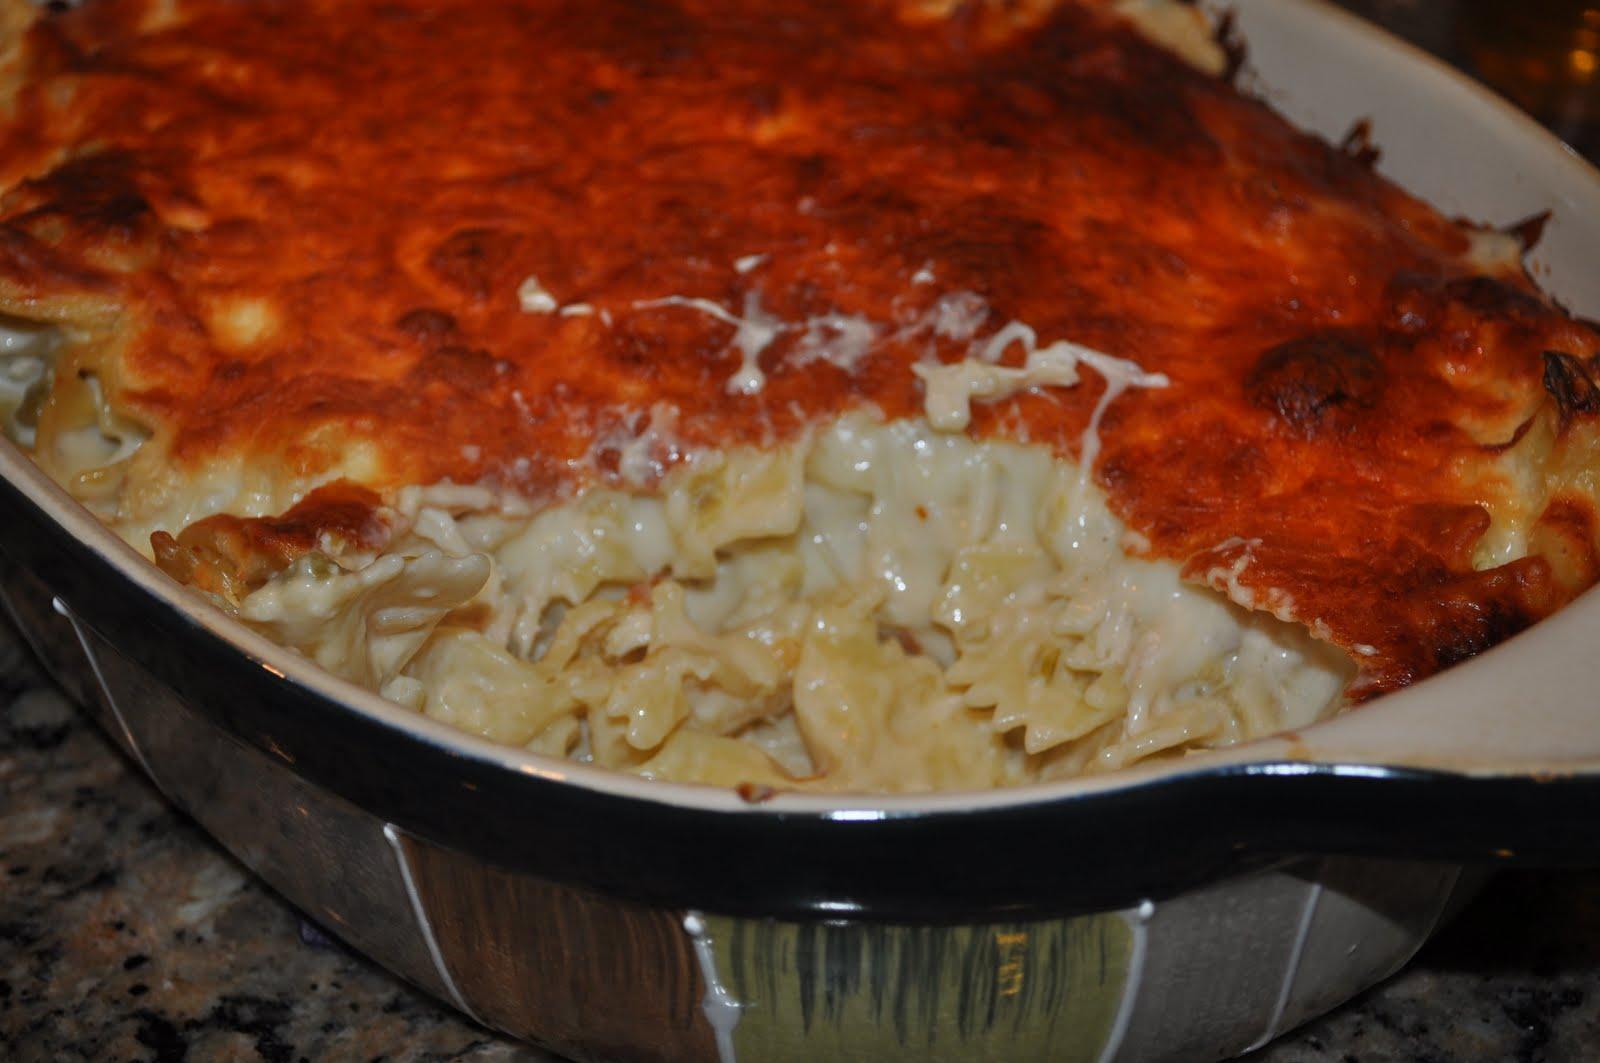 Green chili chicken pasta recipe